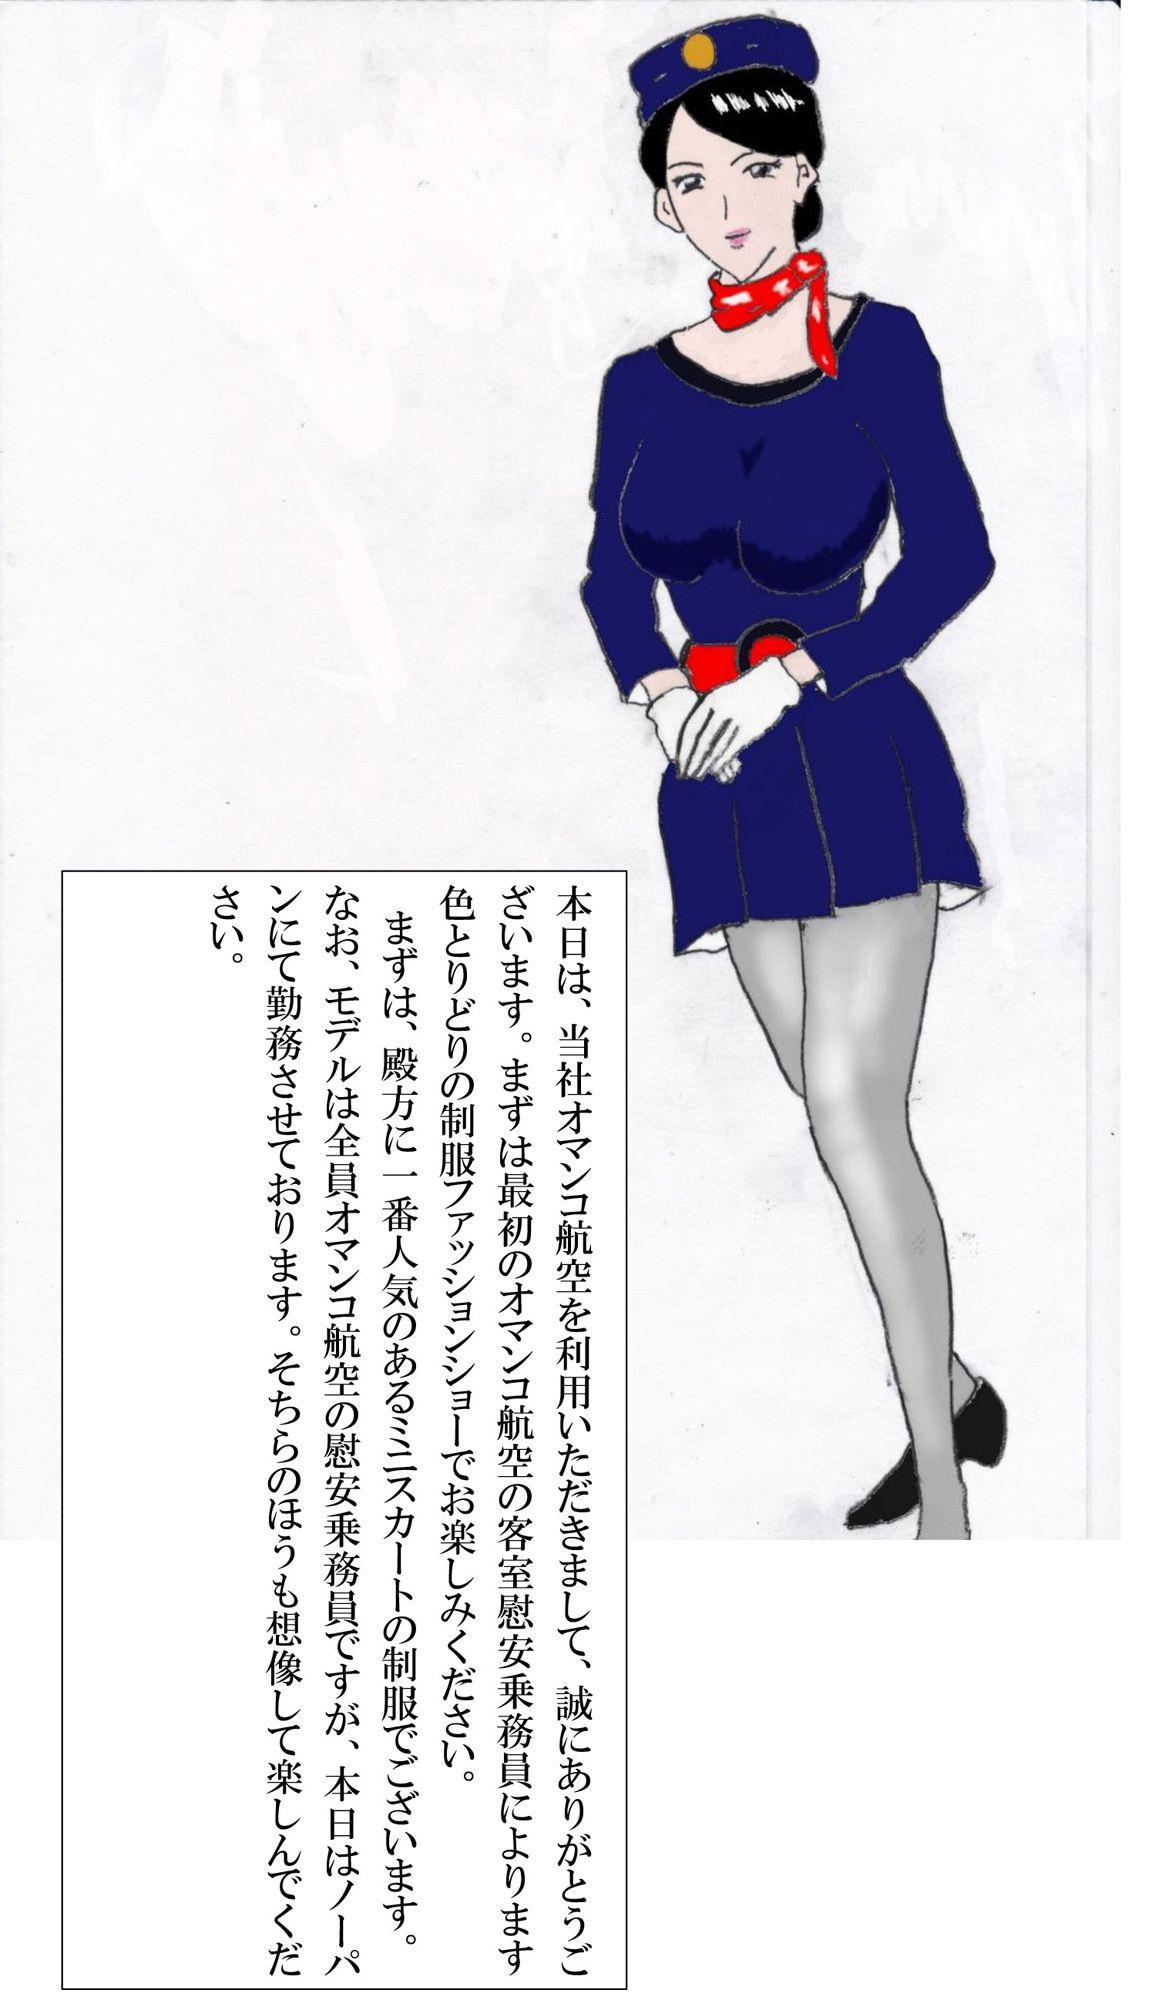 【ソクラテス倶楽部 同人】慰安乗務員屈辱フライト